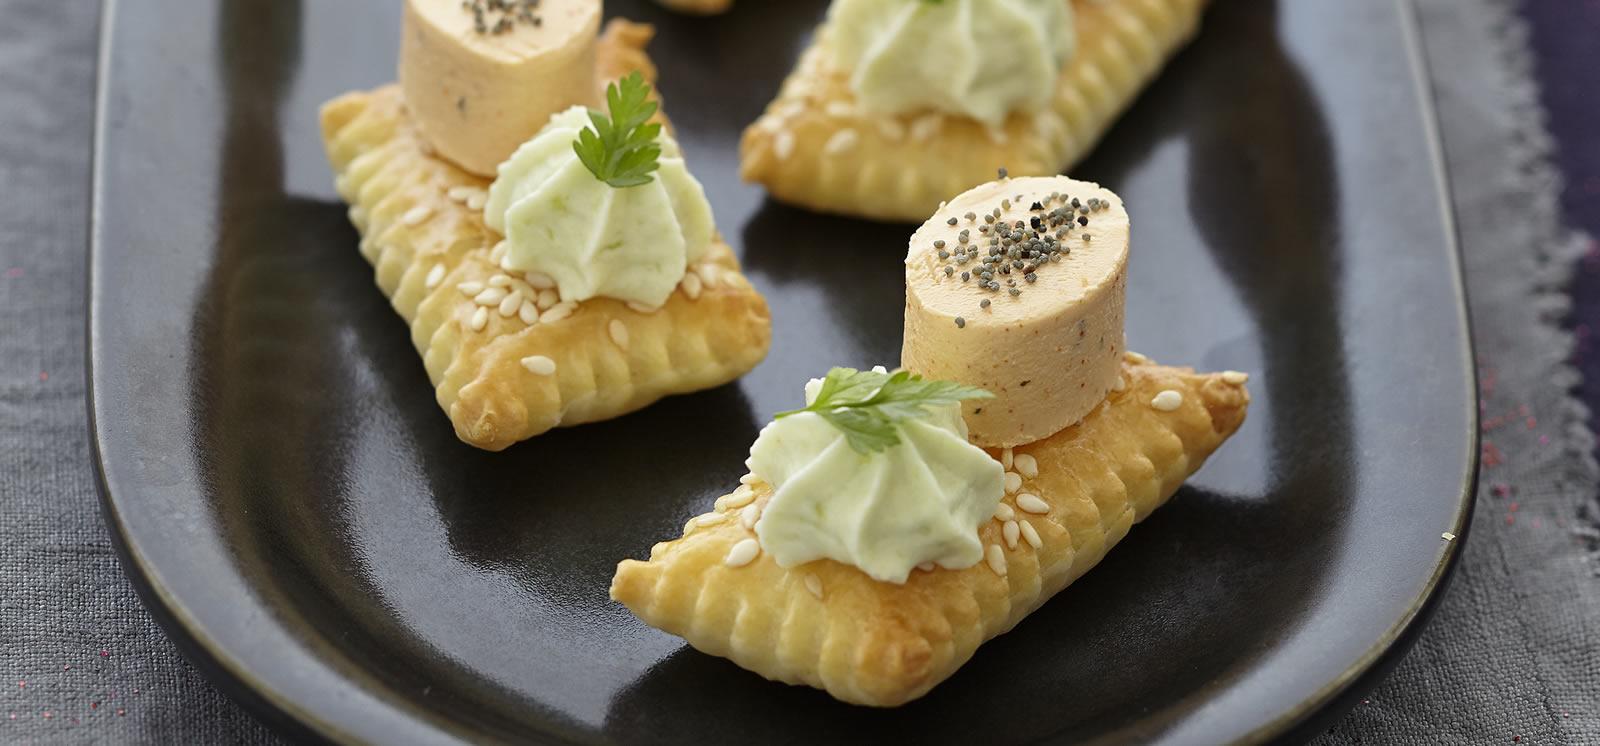 Ricetta per aperitivo con tartine formaggio per aperitivo